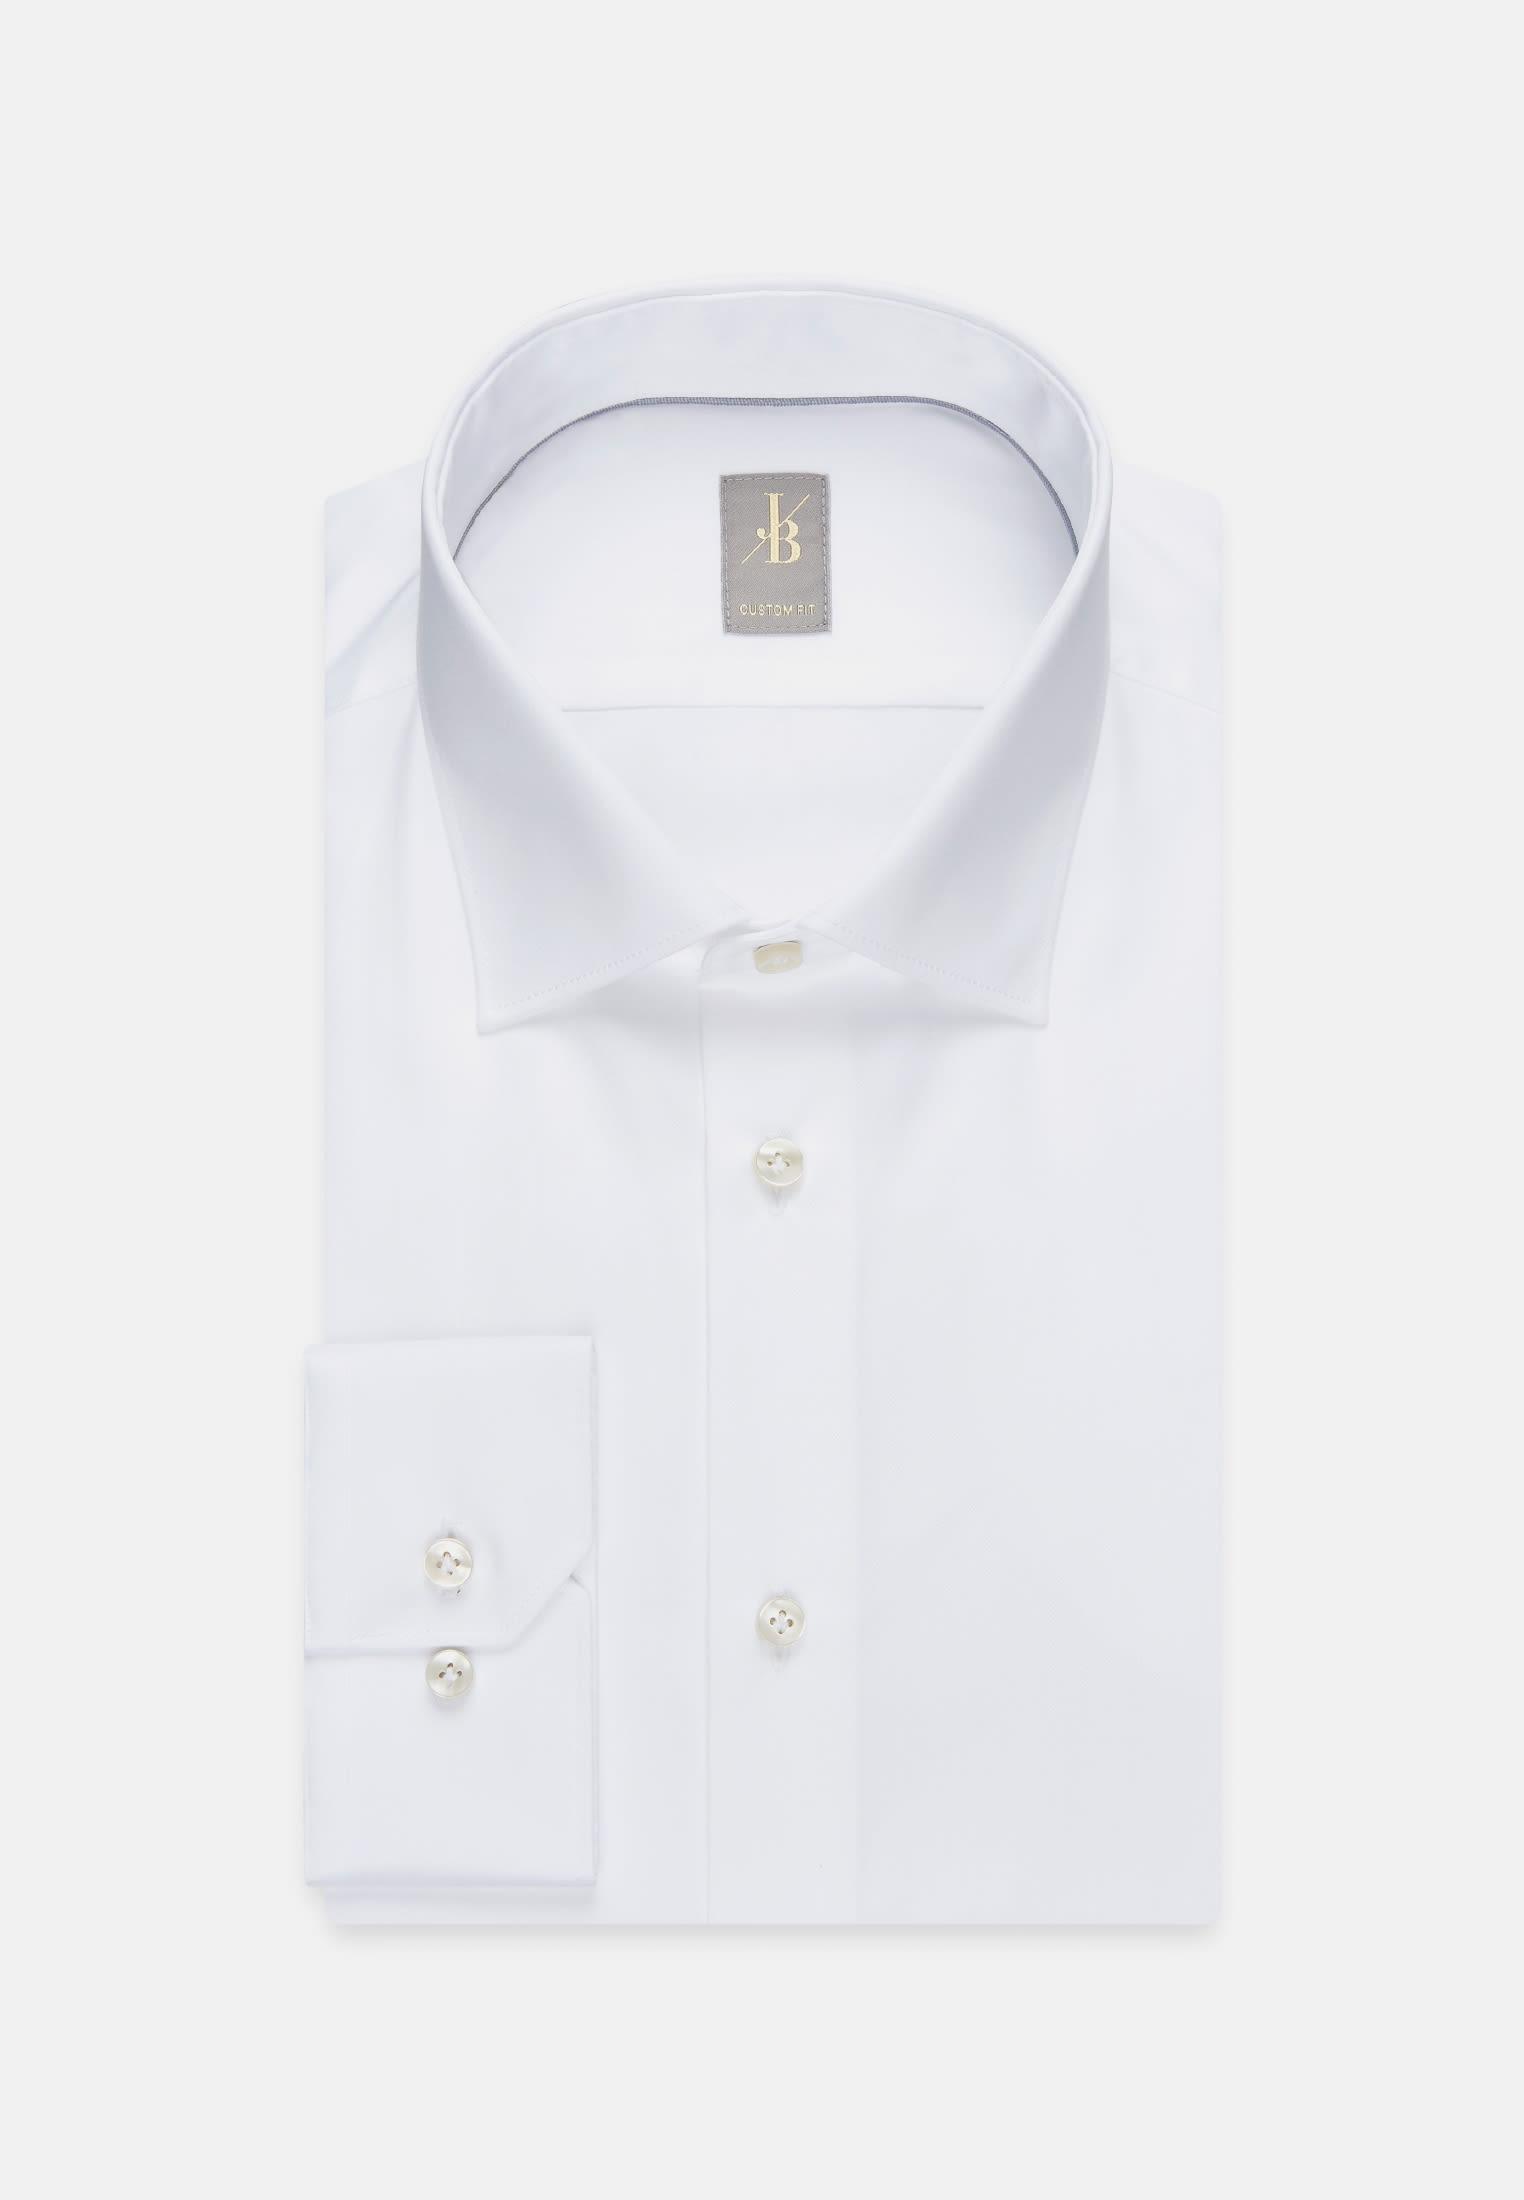 Satin Business Hemd in Slim Fit mit Kentkragen in Weiß    Jacques Britt Onlineshop